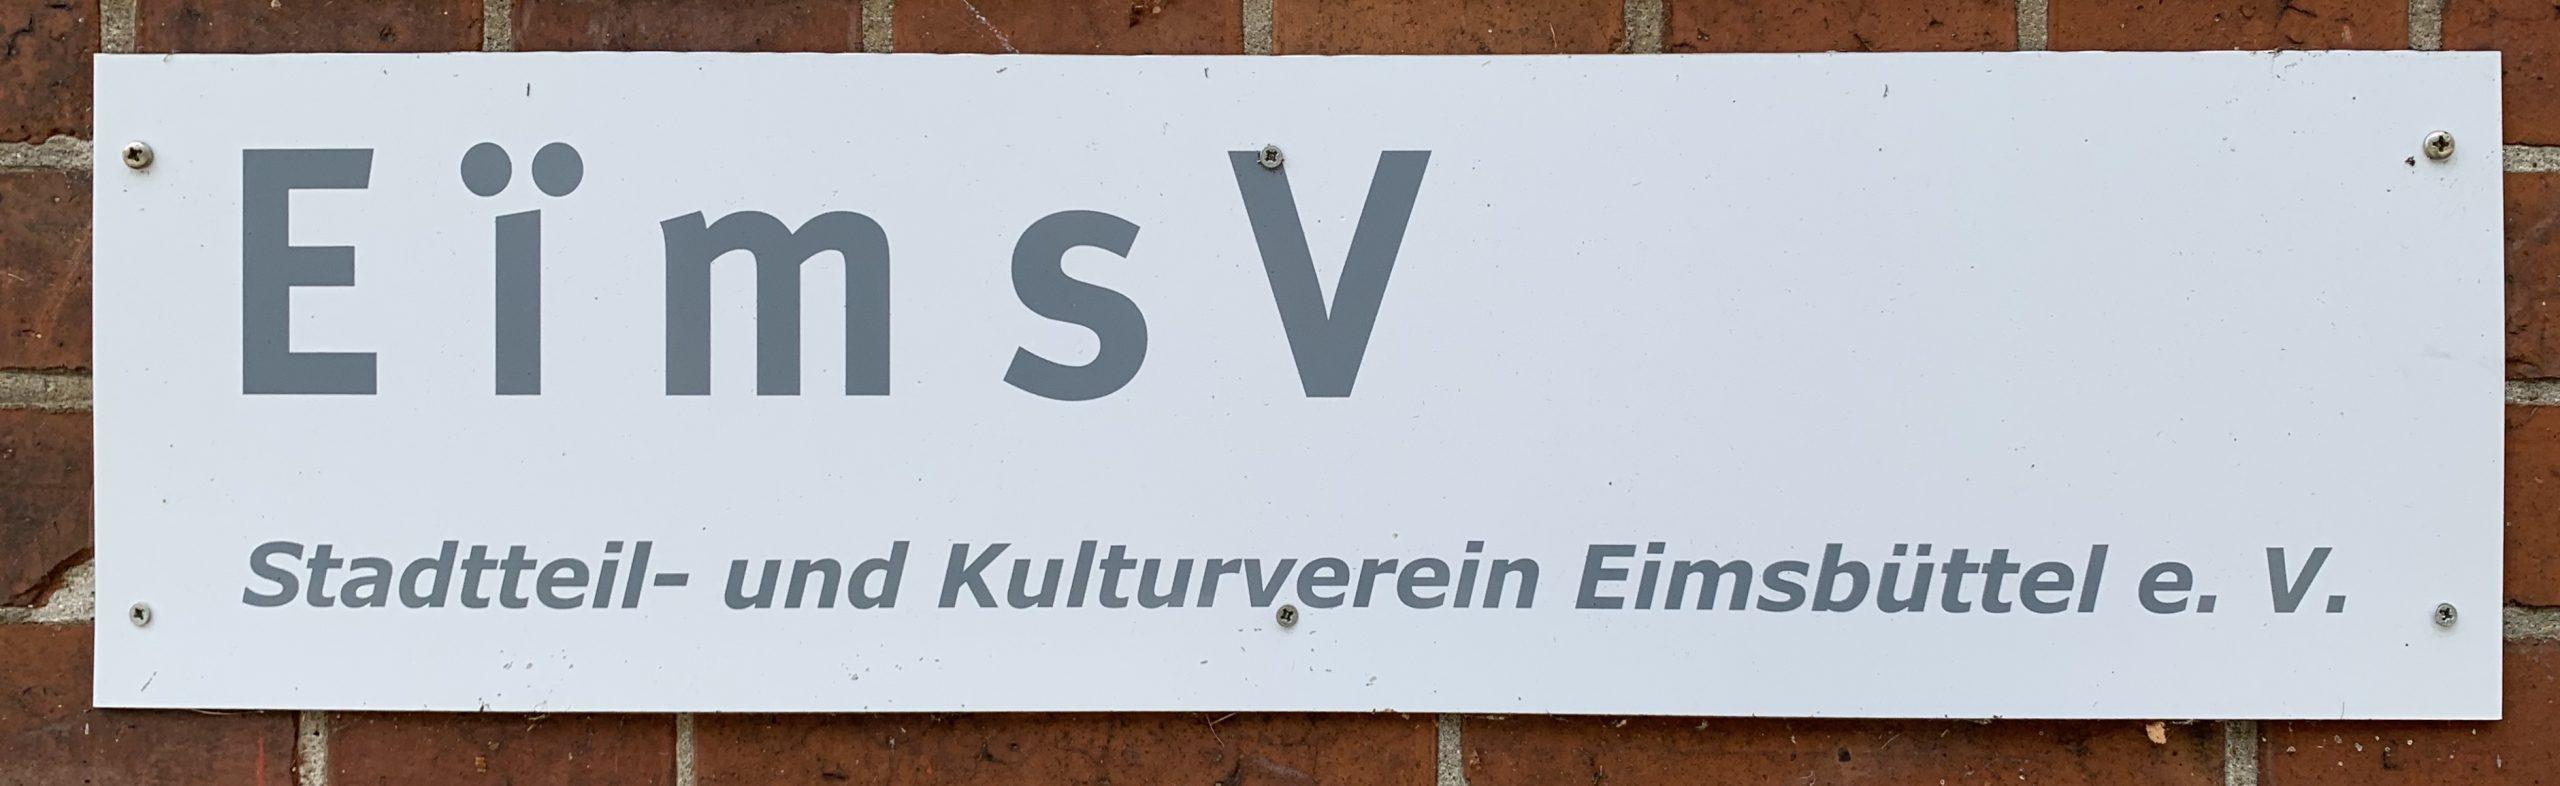 Vereins Logo EimsV